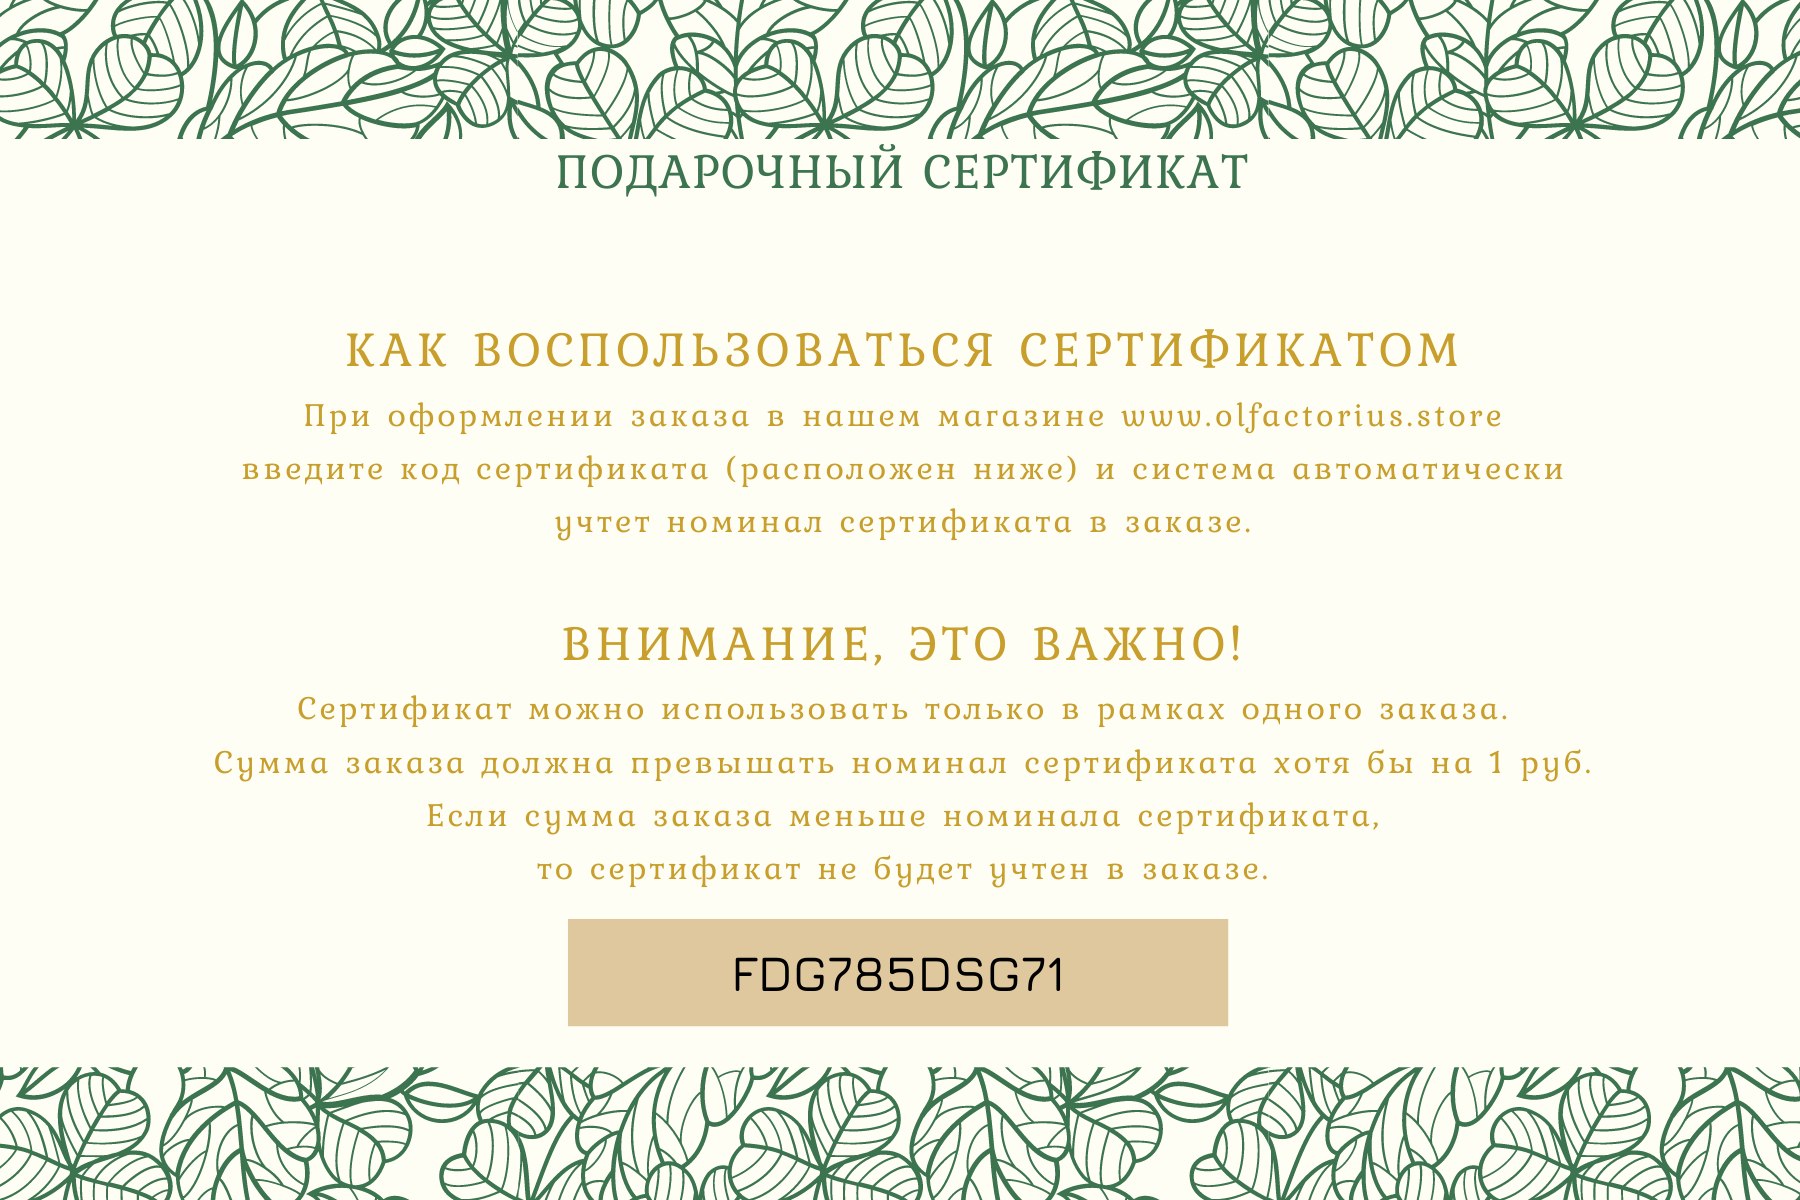 Подарочный сертификат на 1000руб.